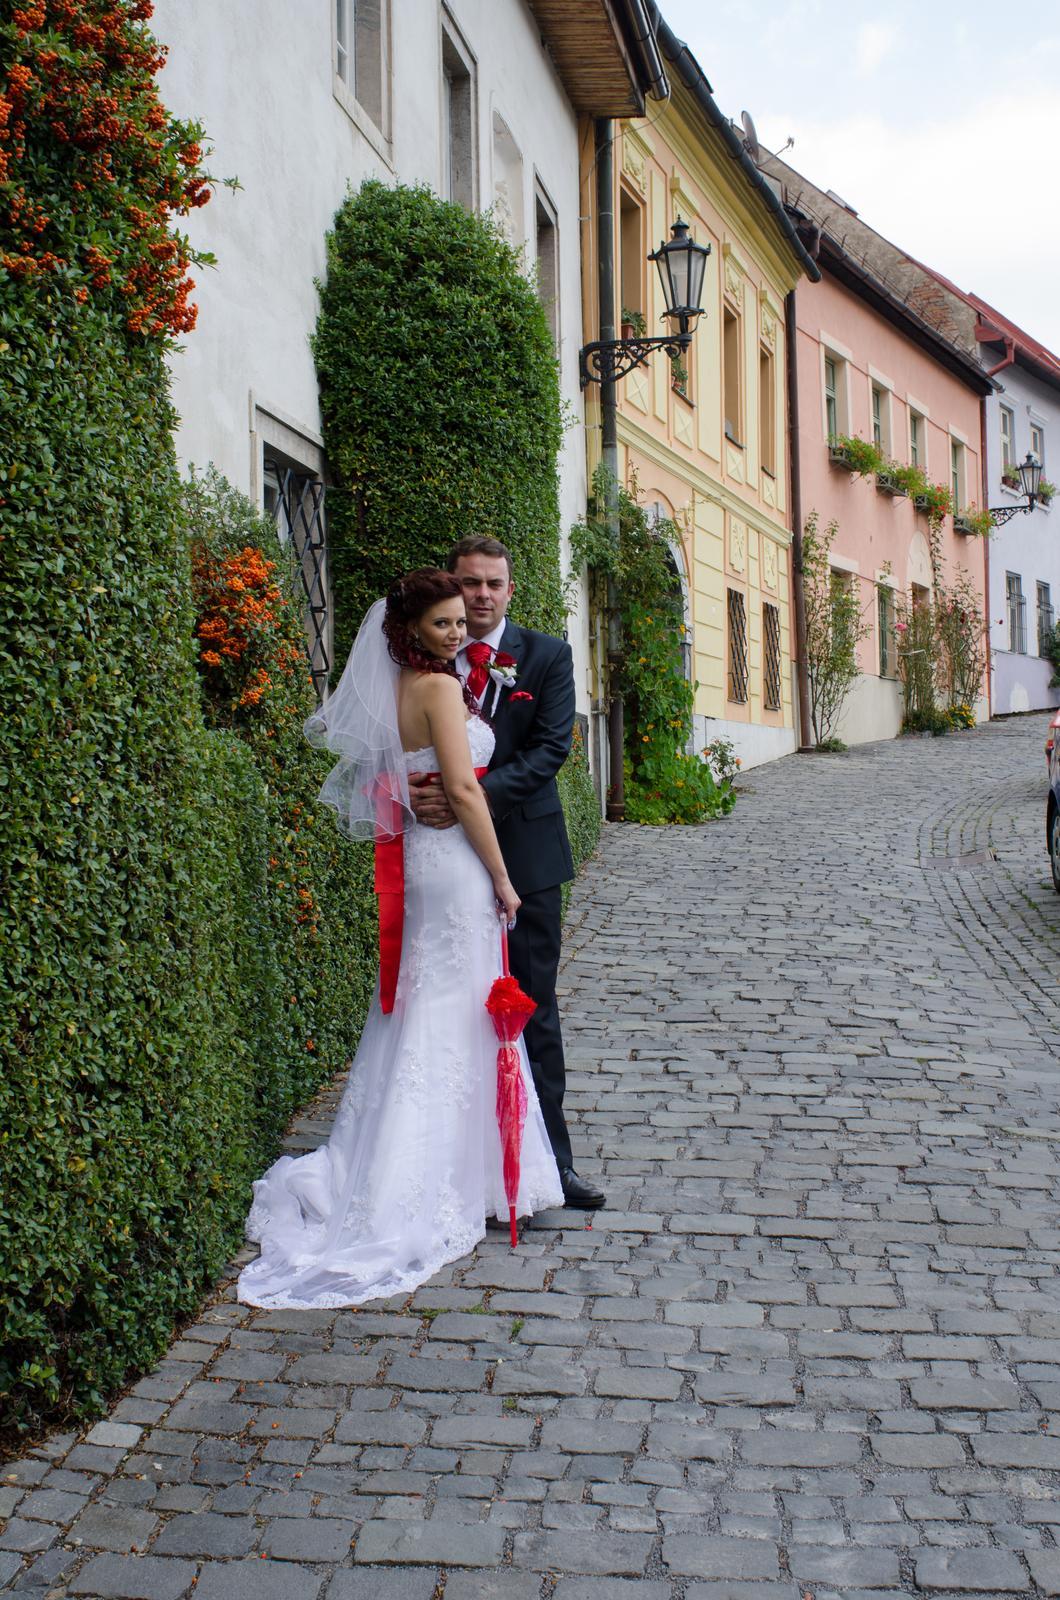 Monika{{_AND_}}Michal - Táto ulica je snáď tou najkrajšou v Banskej Štiavnici. Škoda len, že už nekvitli jej preslávené ruže.